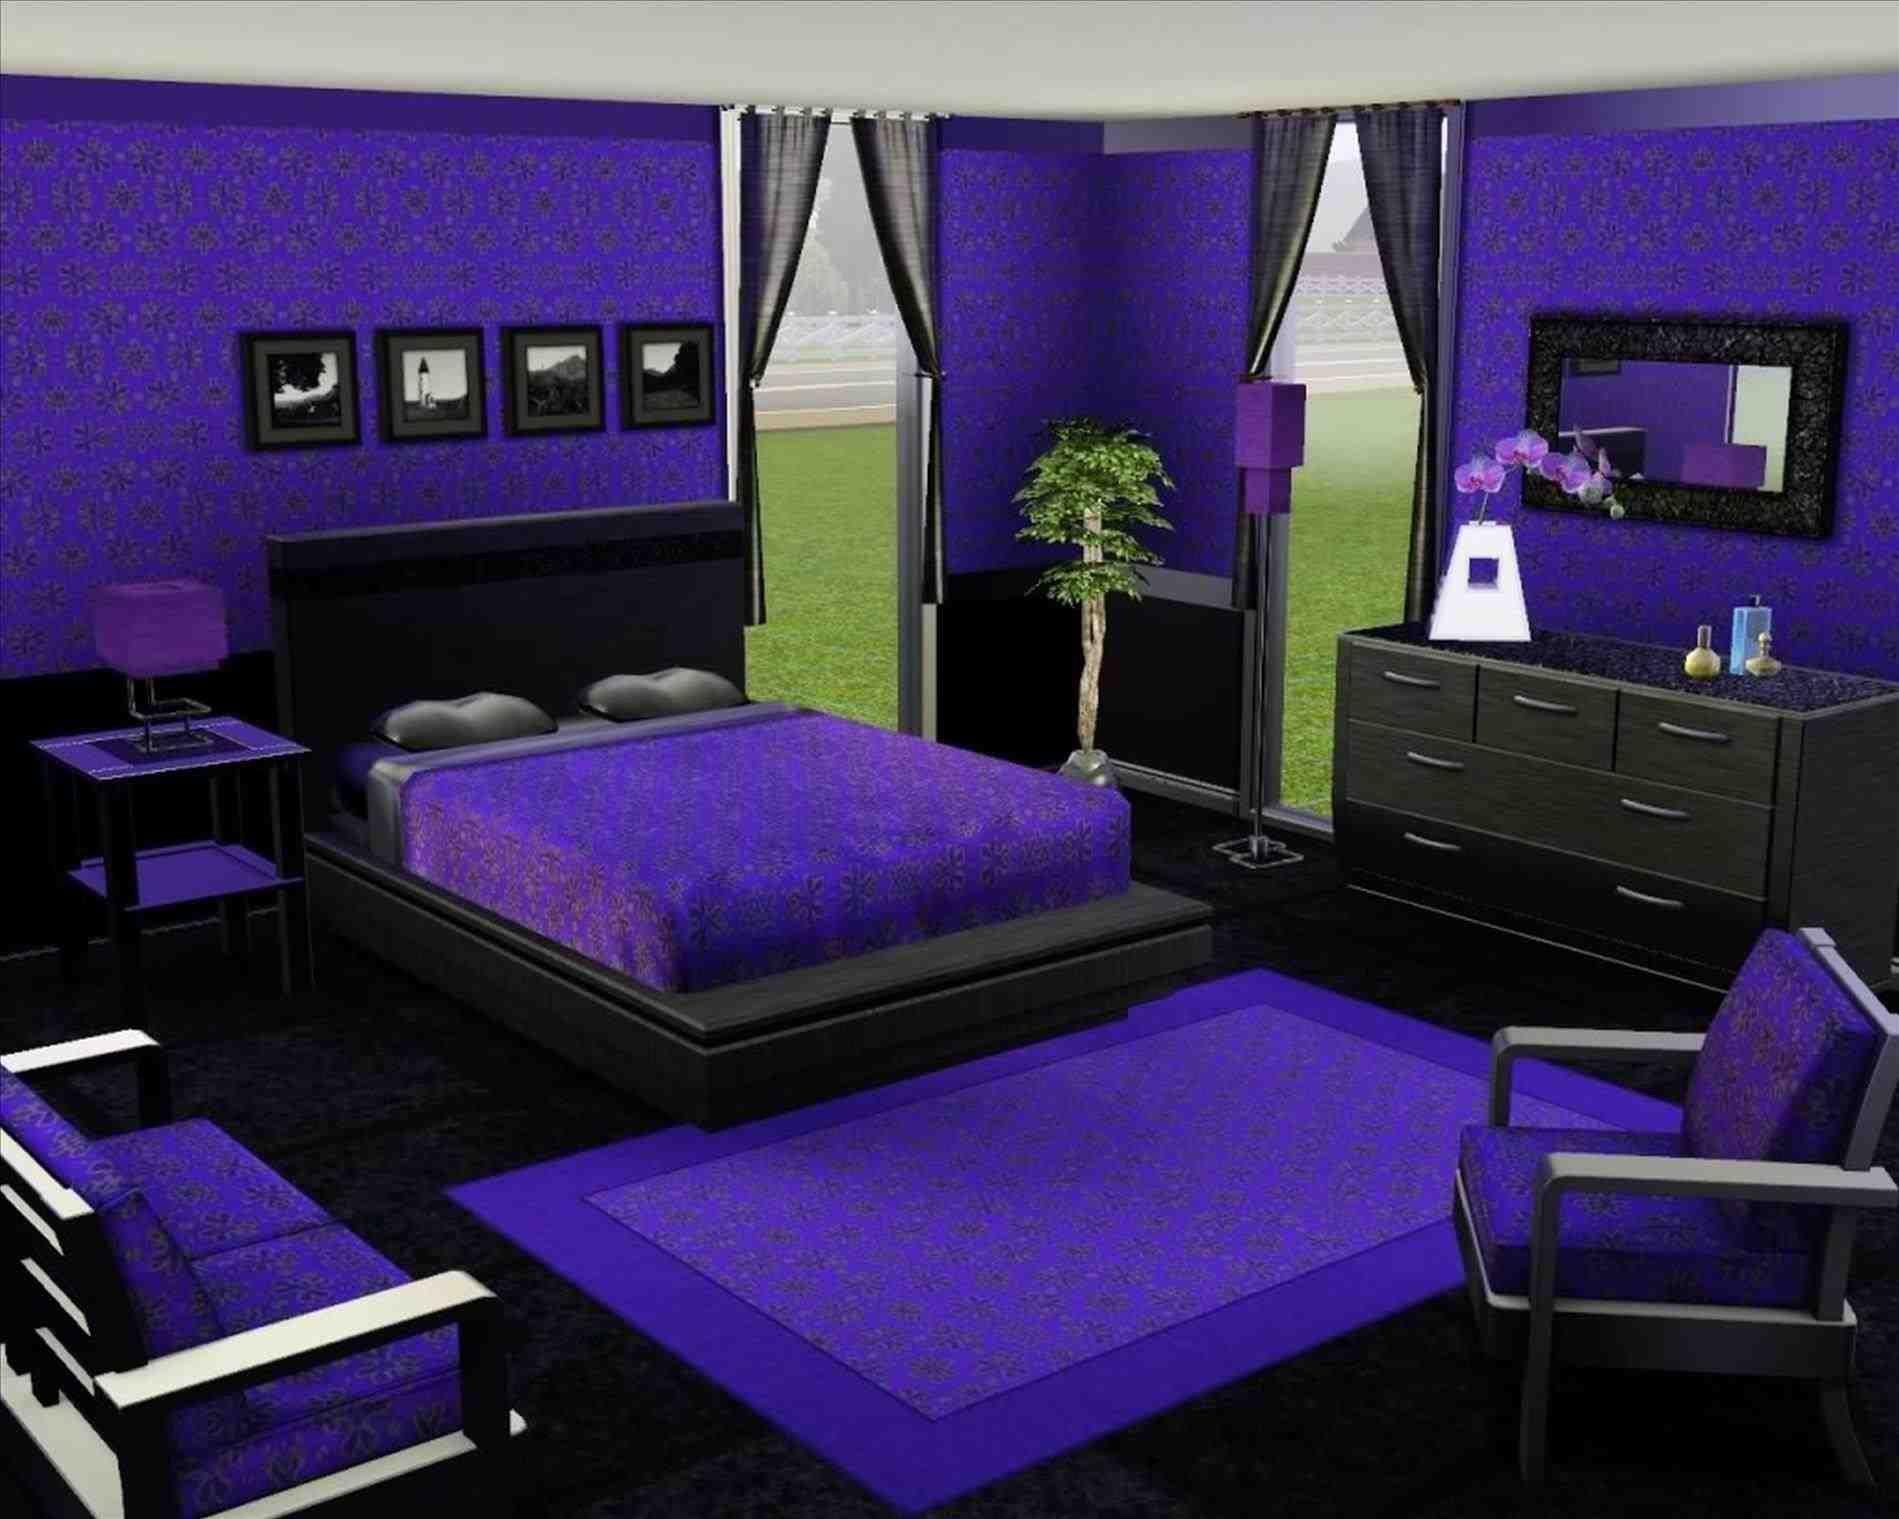 Aesthetic Bedroom Purple Chandeliers Chandeliers For Bedrooms Beautiful Bedroom Design Purple And Cr Purple Bedrooms Purple Living Room Dark Purple Bedrooms